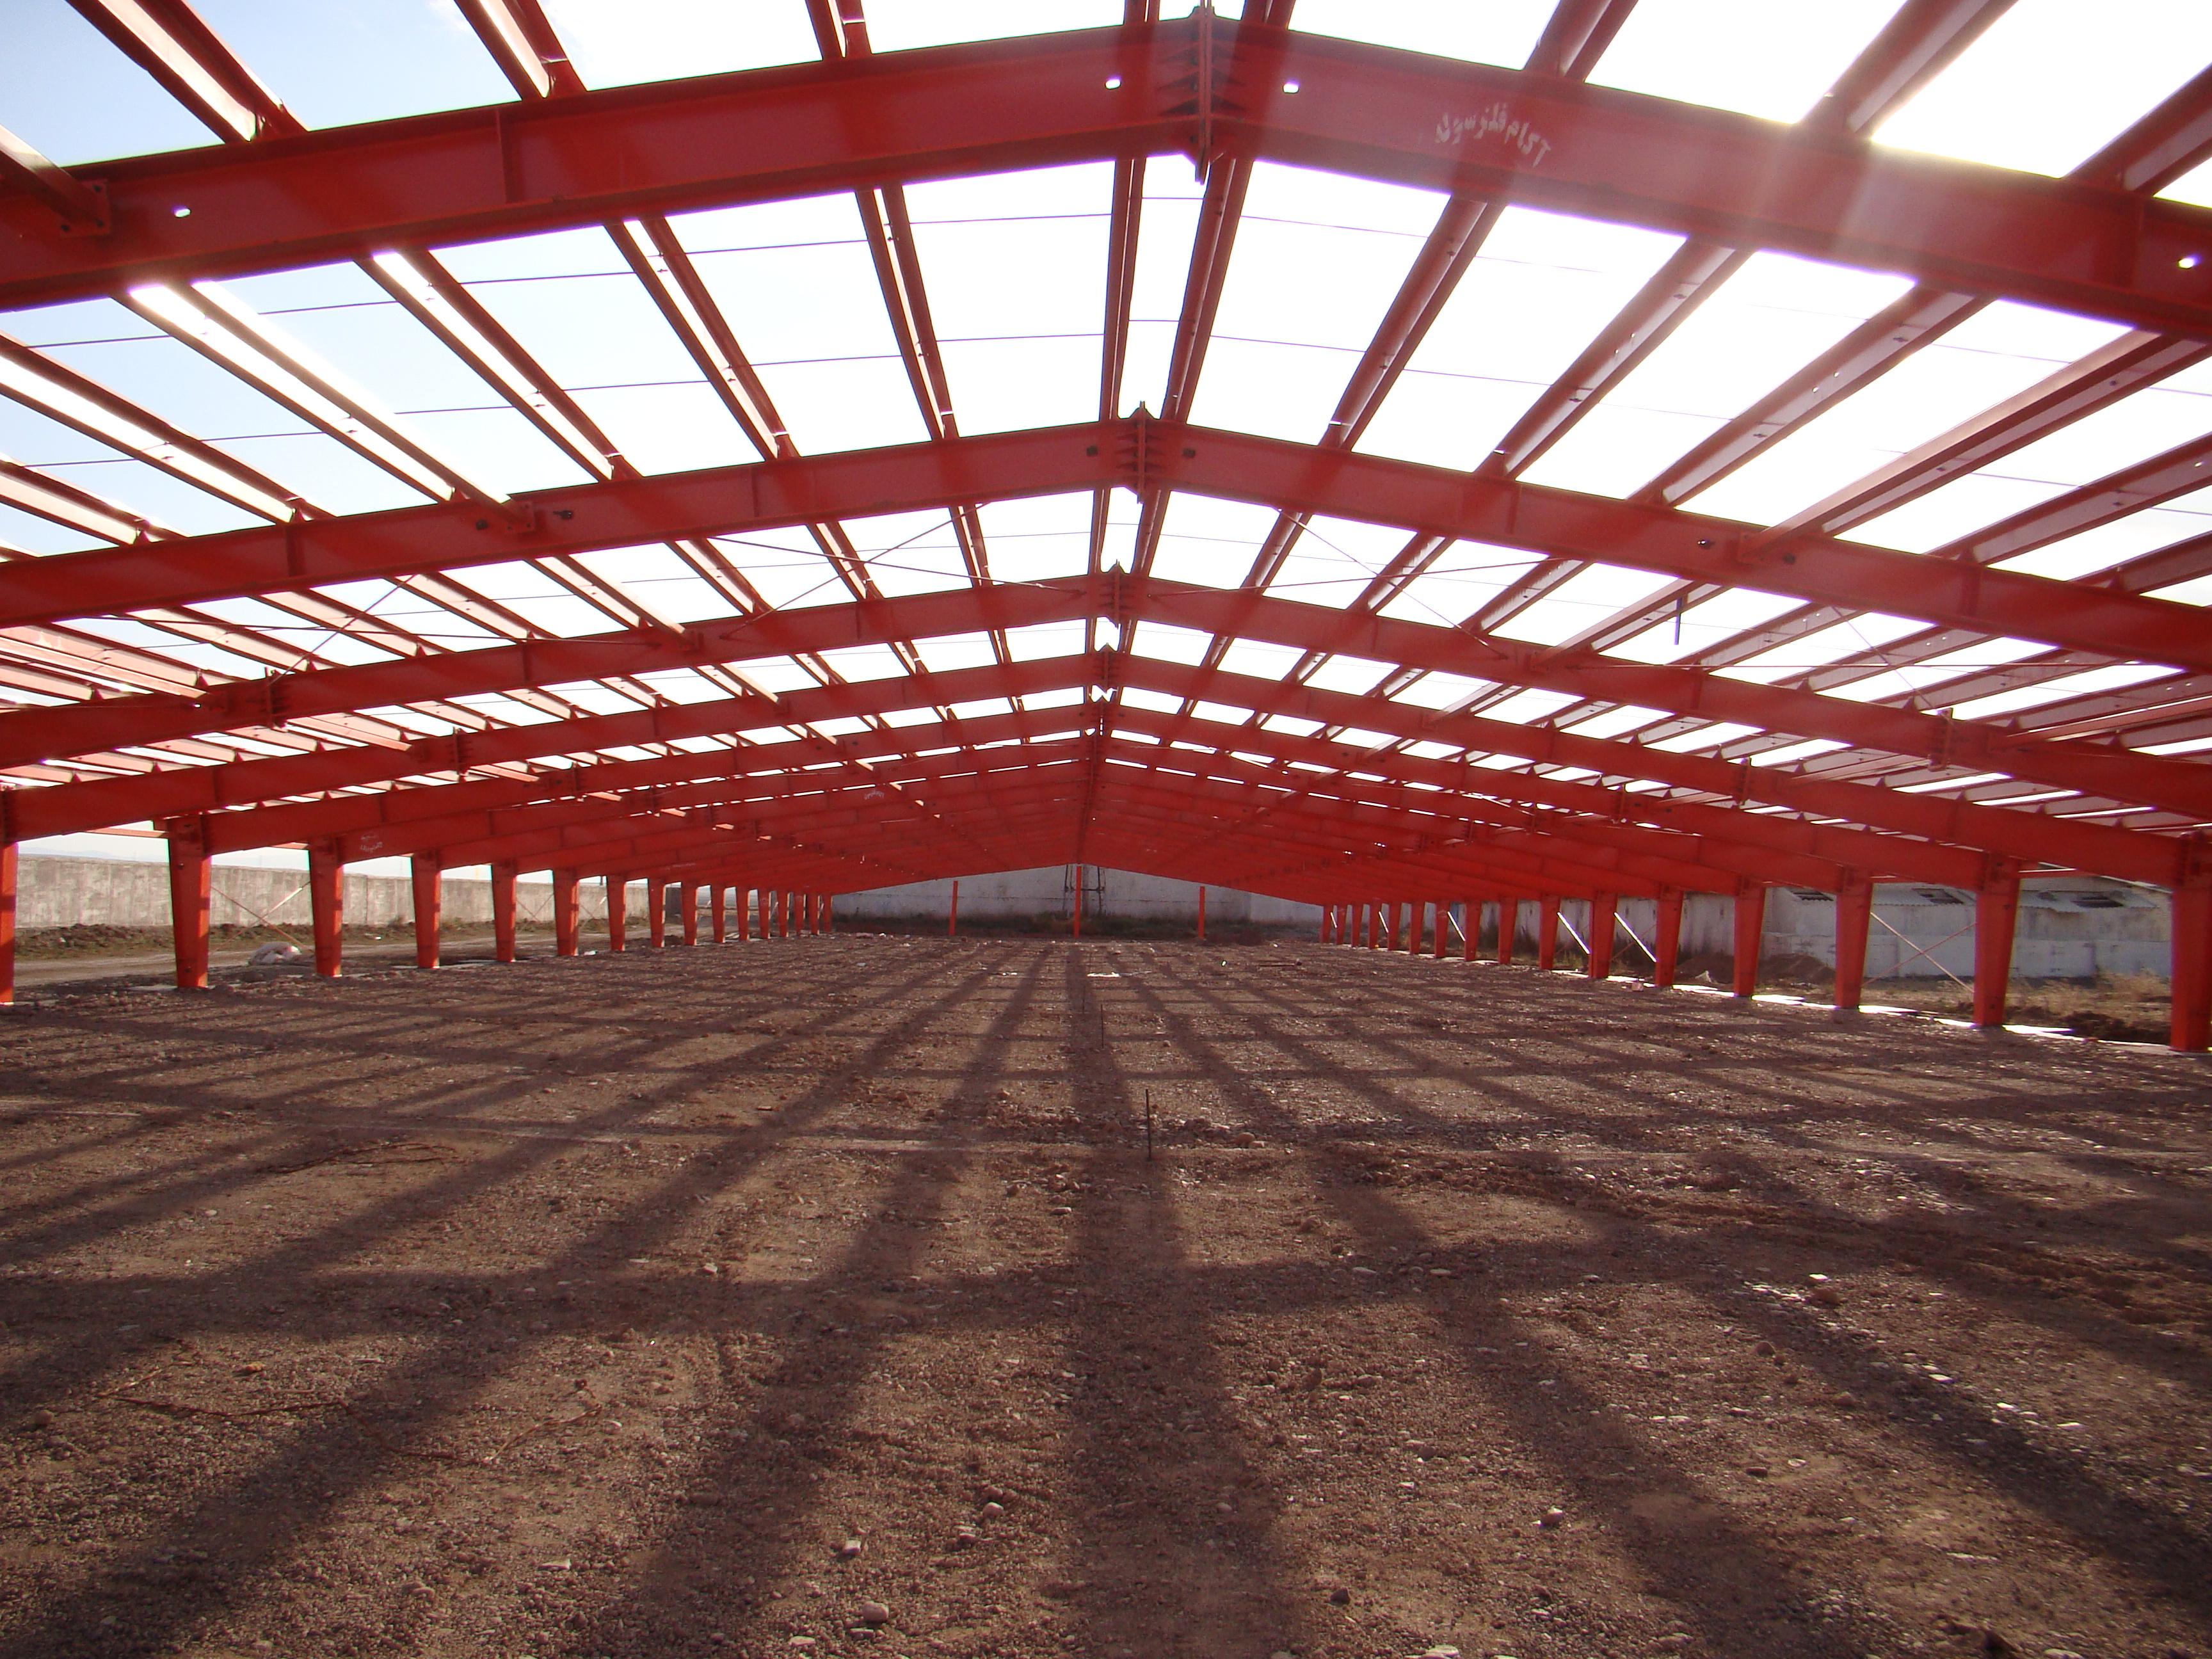 عرشه فولادی | خصوصیات سازه فلزی - عرشه فولادی... سوله، ساخت سوله، اسکلت فلزی، سازه فلزی، سوله سازی|آکام فلز ...